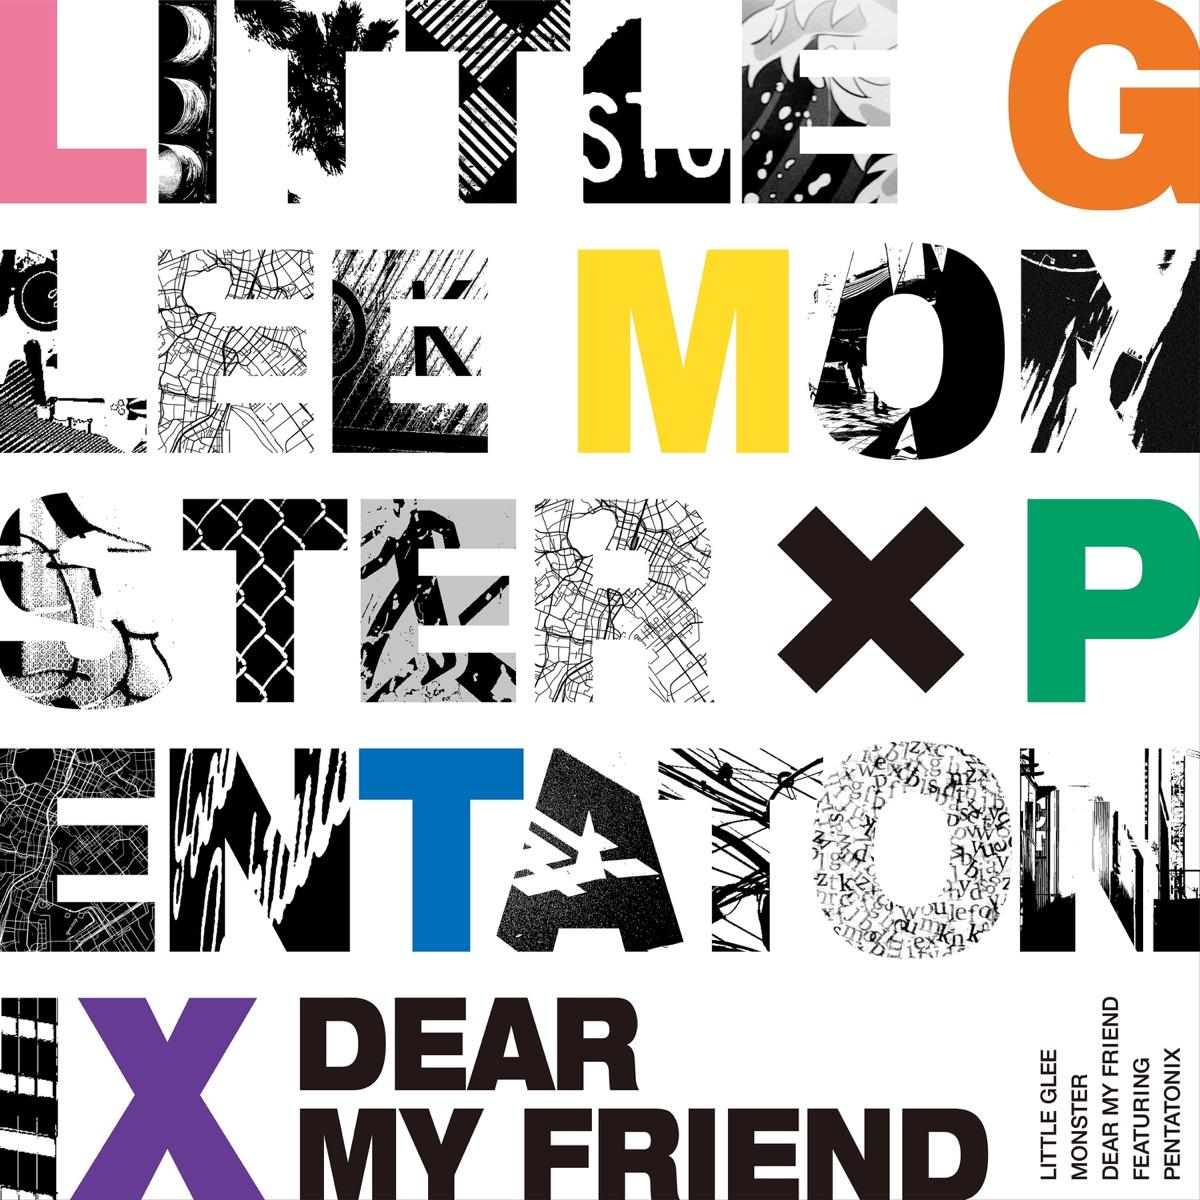 『Little Glee Monster - Dear My Friend feat. Pentatonix 歌詞』収録の『Dear My Friend feat. Pentatonix』ジャケット